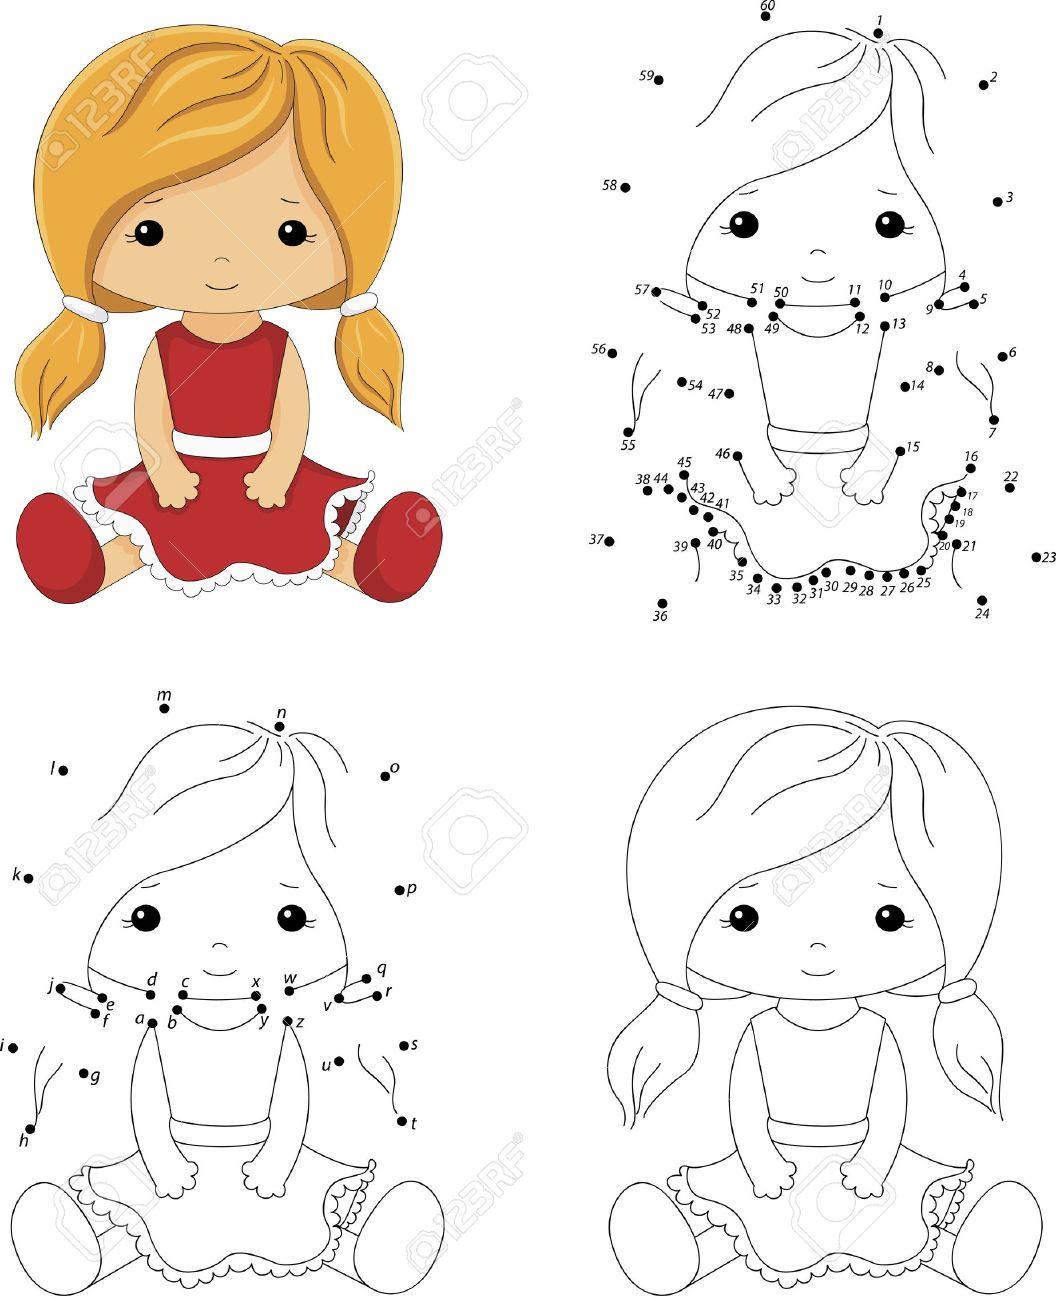 Muñeca De Dibujos Animados En Un Vestido Rojo. Libro Para Colorear Y ...